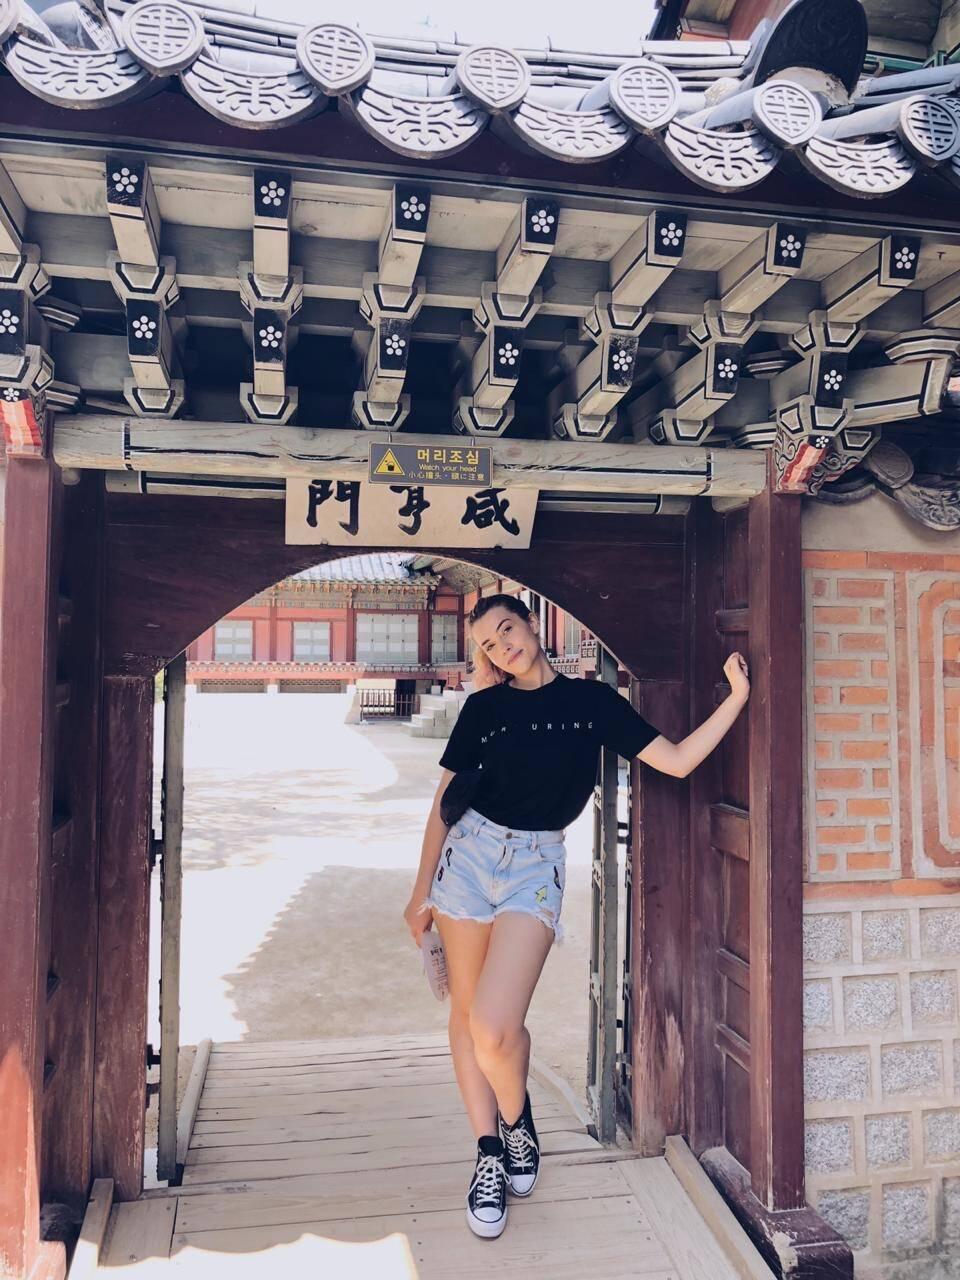 Durante o intercâmbio na Coreia do Sul, em Seul, a jovem aproveitou para visitar alguns pontos turísticos. Foto: Arquivo pessoal/Thayná Camargo